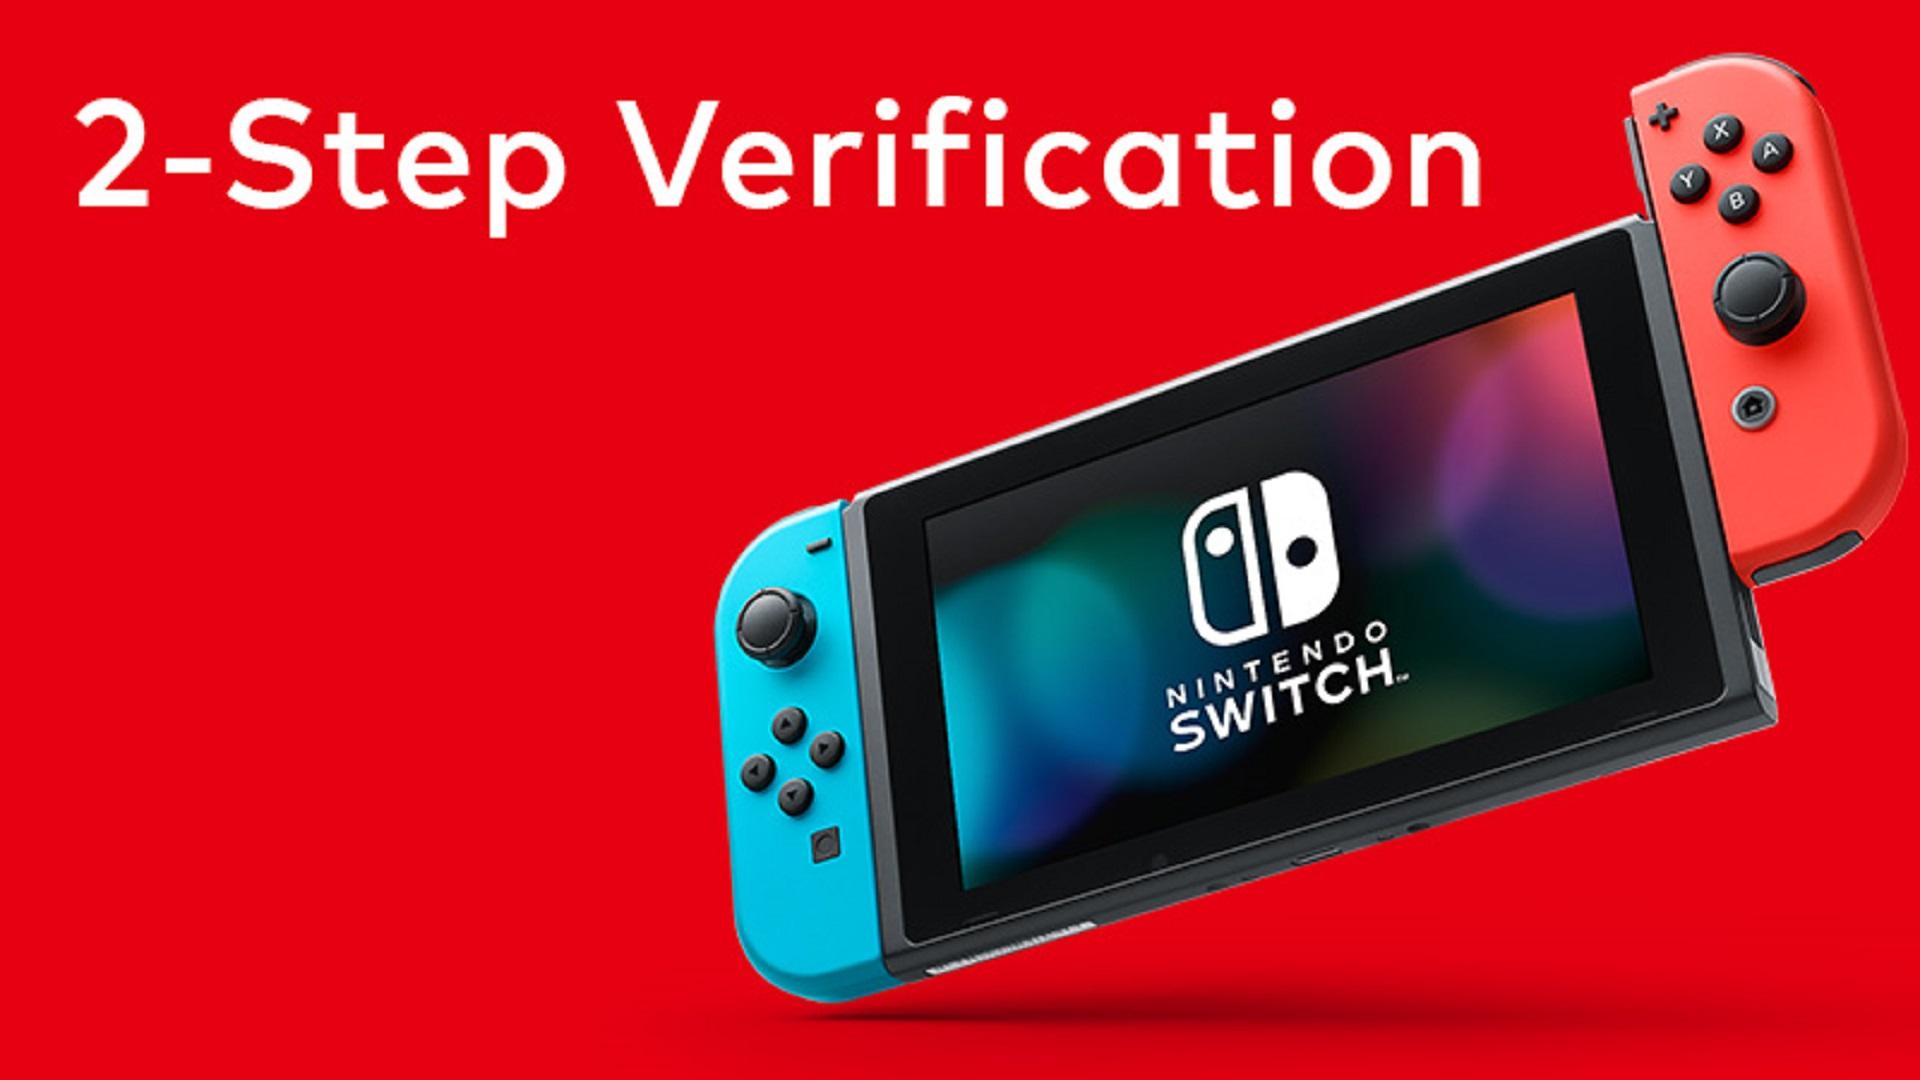 Cách thiết lập xác thực hai yếu tố (2FA) Nintendo Switch 2